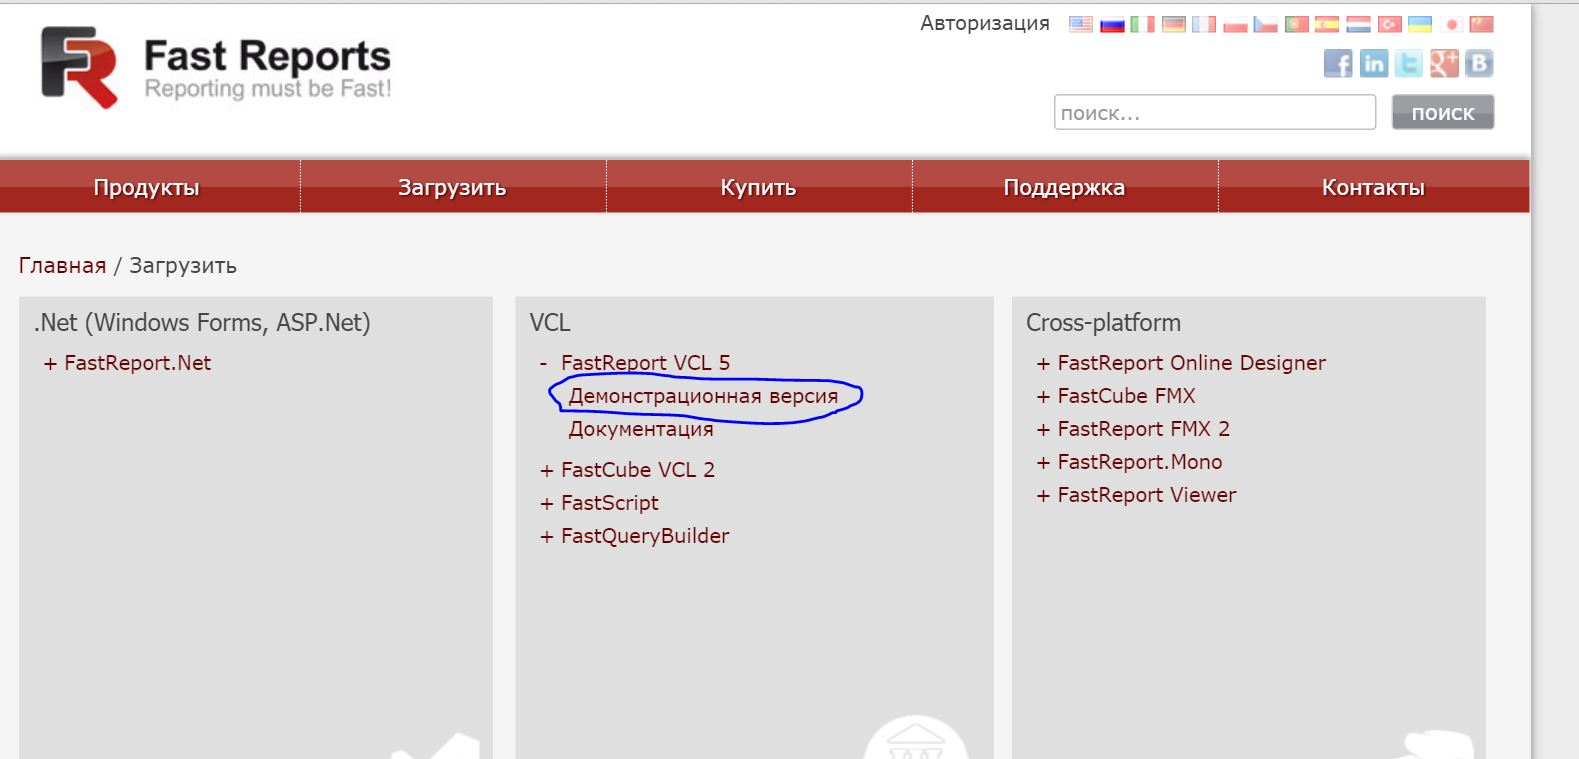 Скачать программу зайцев нет на андроид бесплатно на русском